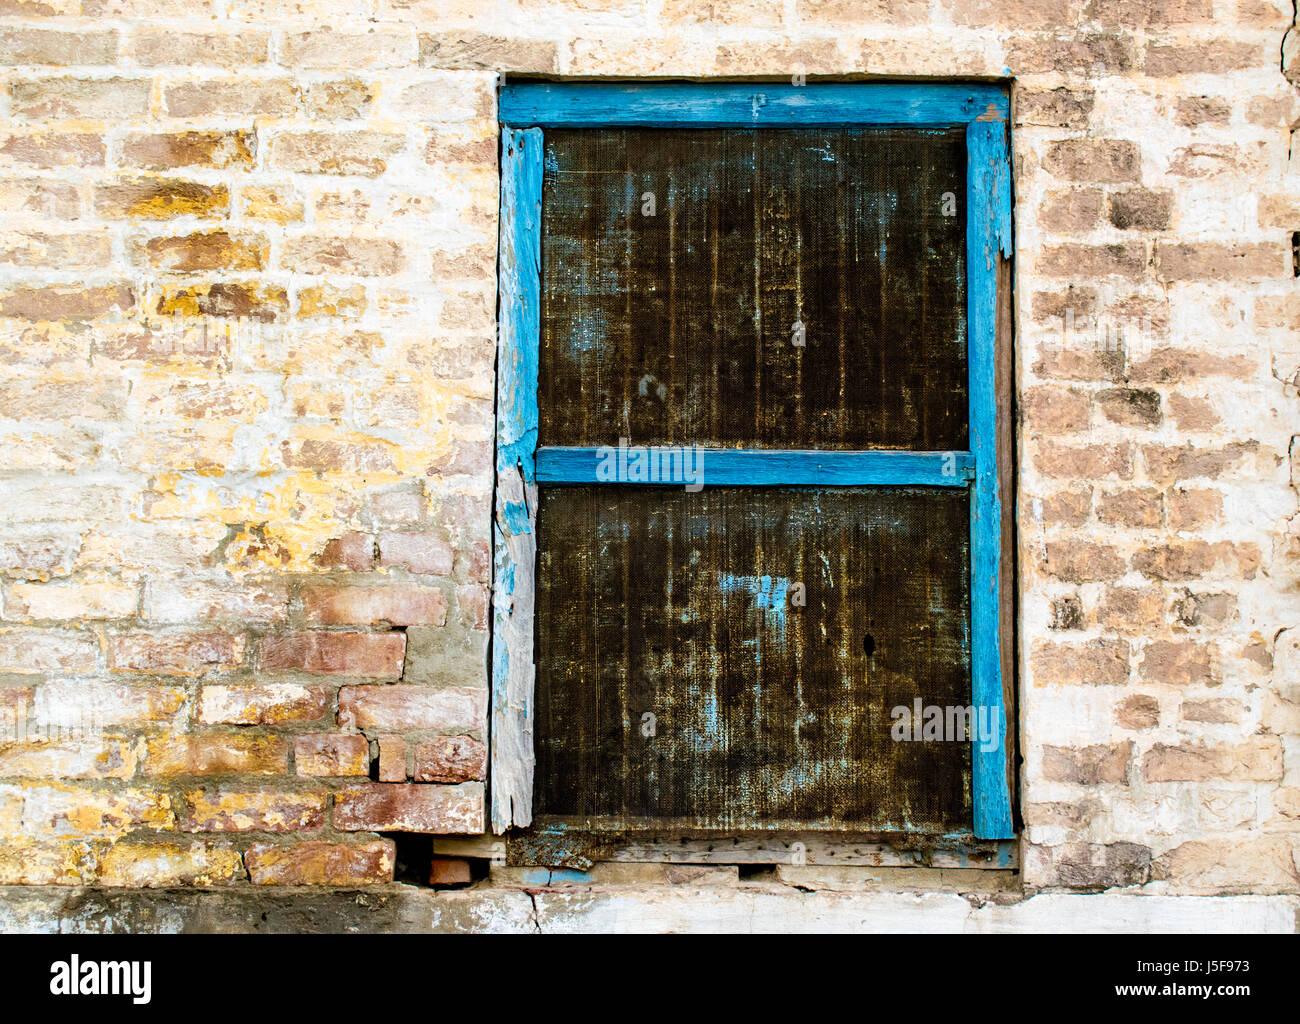 Eine alte Fensterrahmen Stockfoto, Bild: 141092759 - Alamy